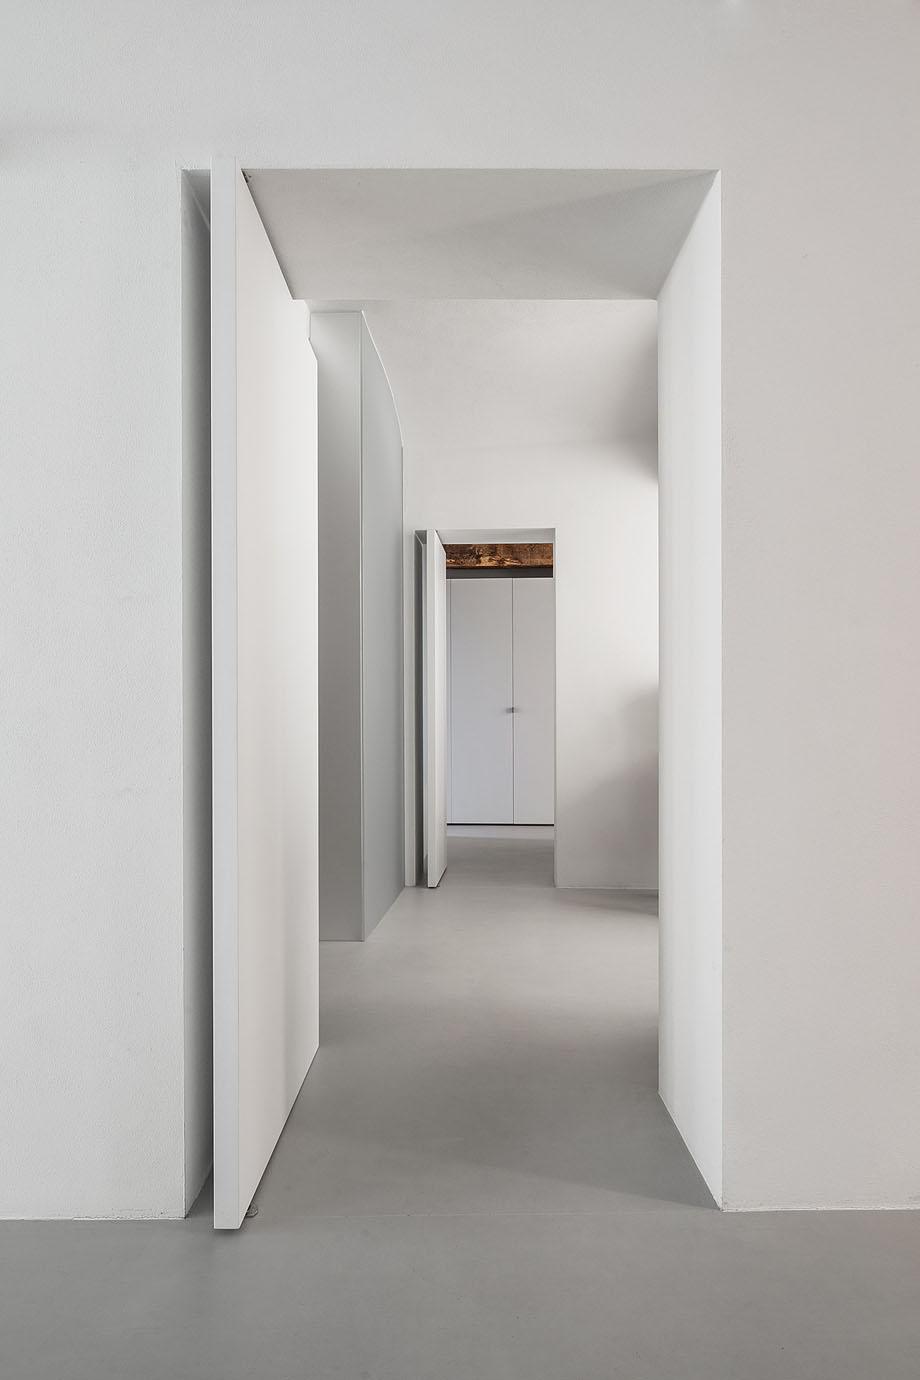 casa ag due architetti (9)